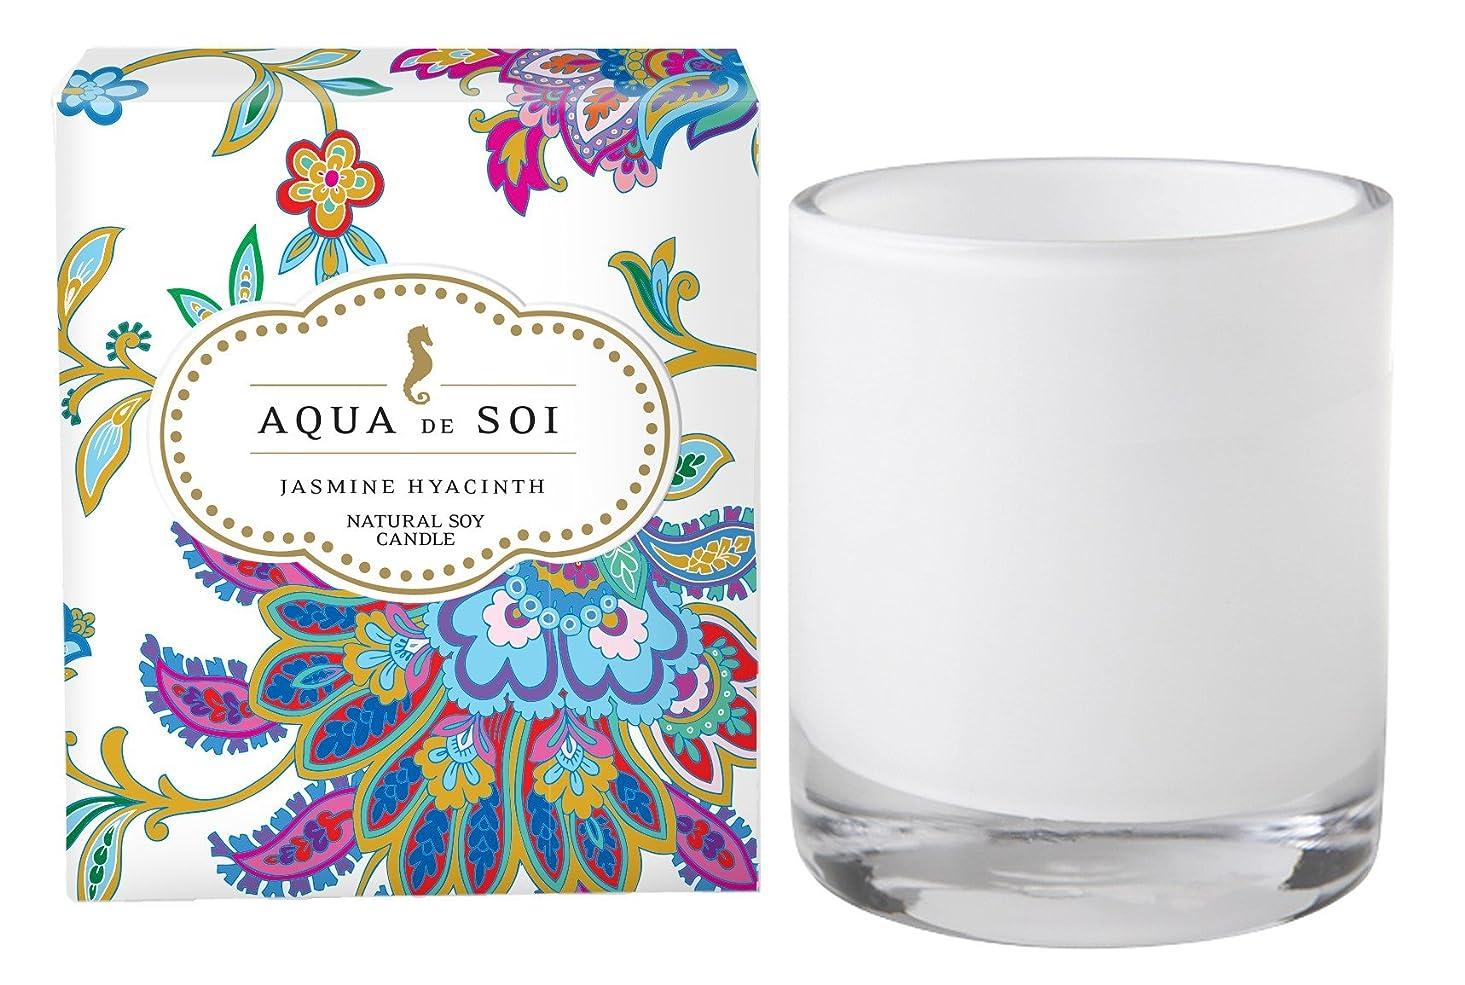 アルコーブ捧げる道を作るSoi会社Aqua De Soi 100?%プレミアム天然Soy Candle、11オンスBoxed Jar ホワイト unknown